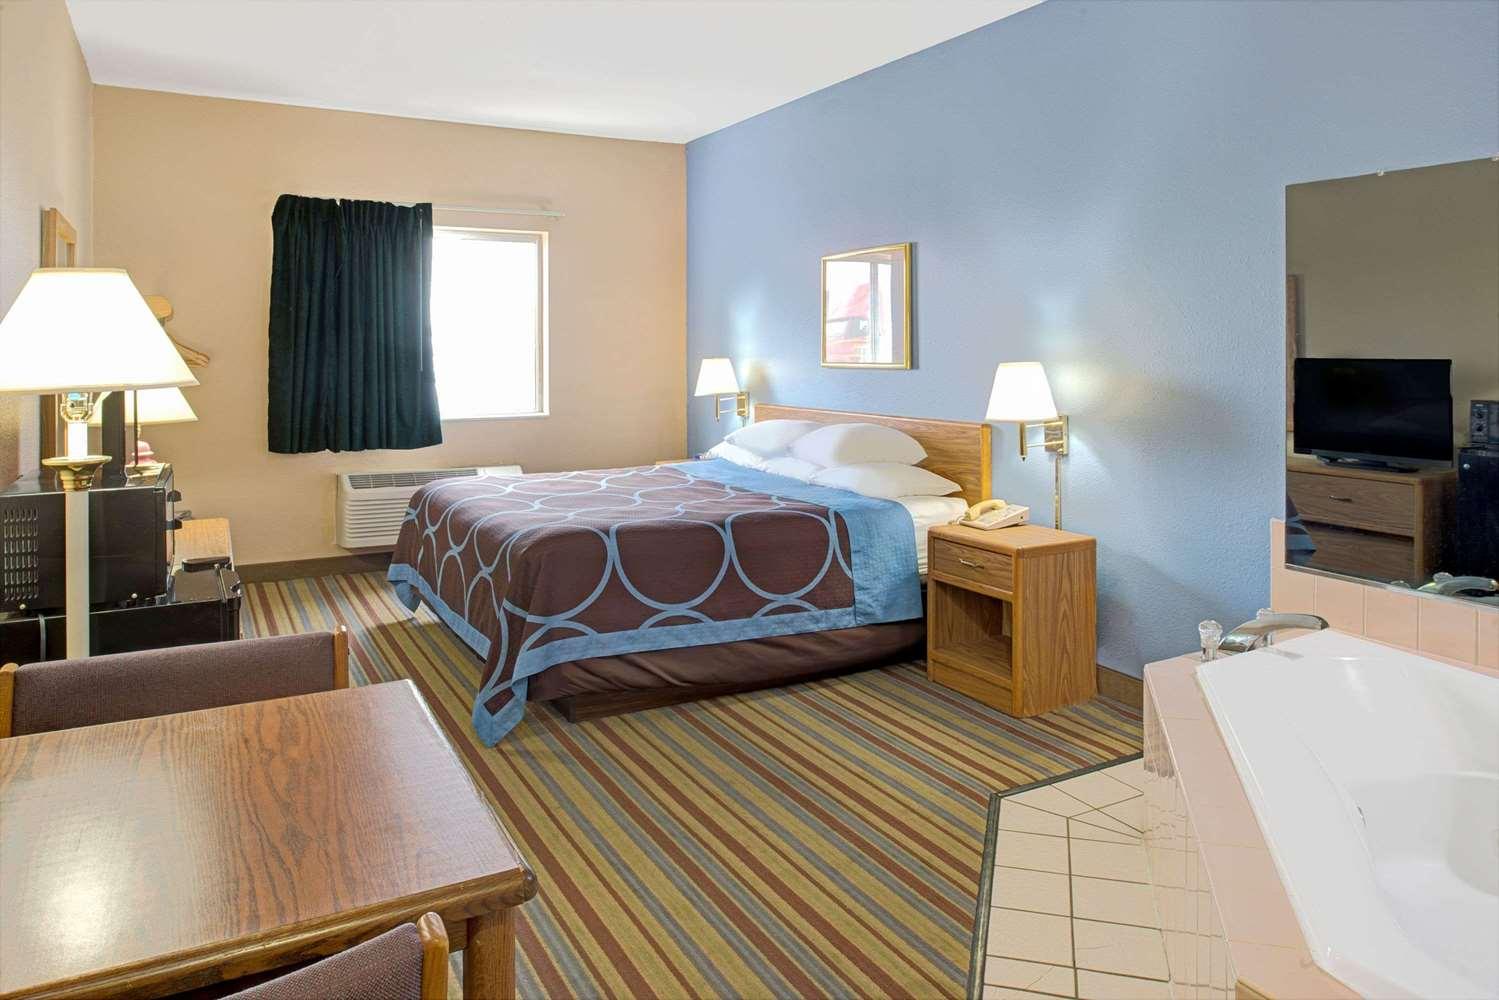 Suite Super 8 Hotel Pontoon Beach